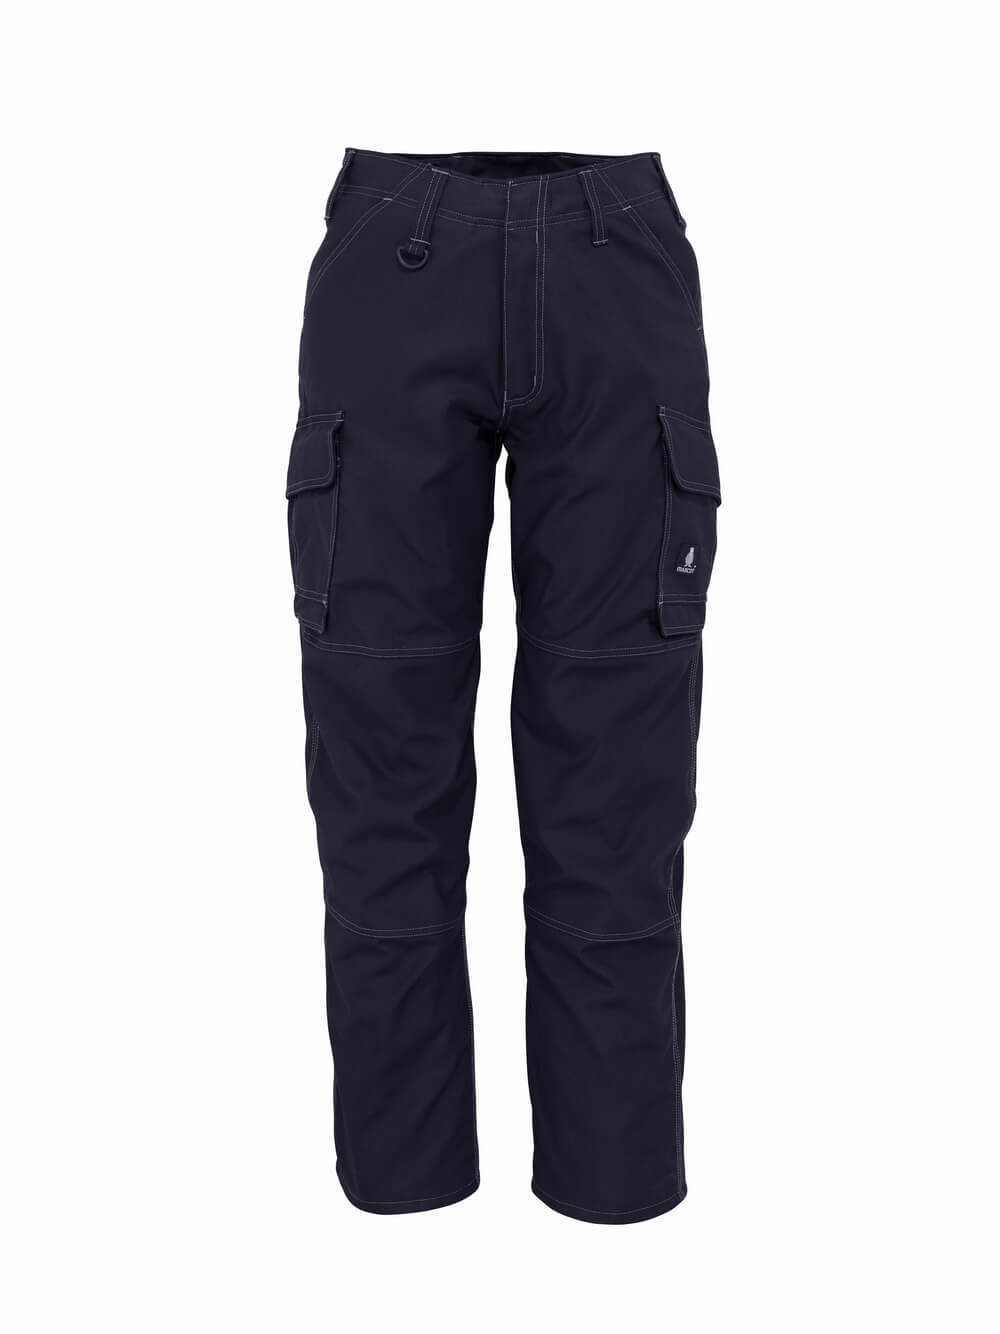 10279-154-010 Pantalon avec poches cuisse - Marine foncé